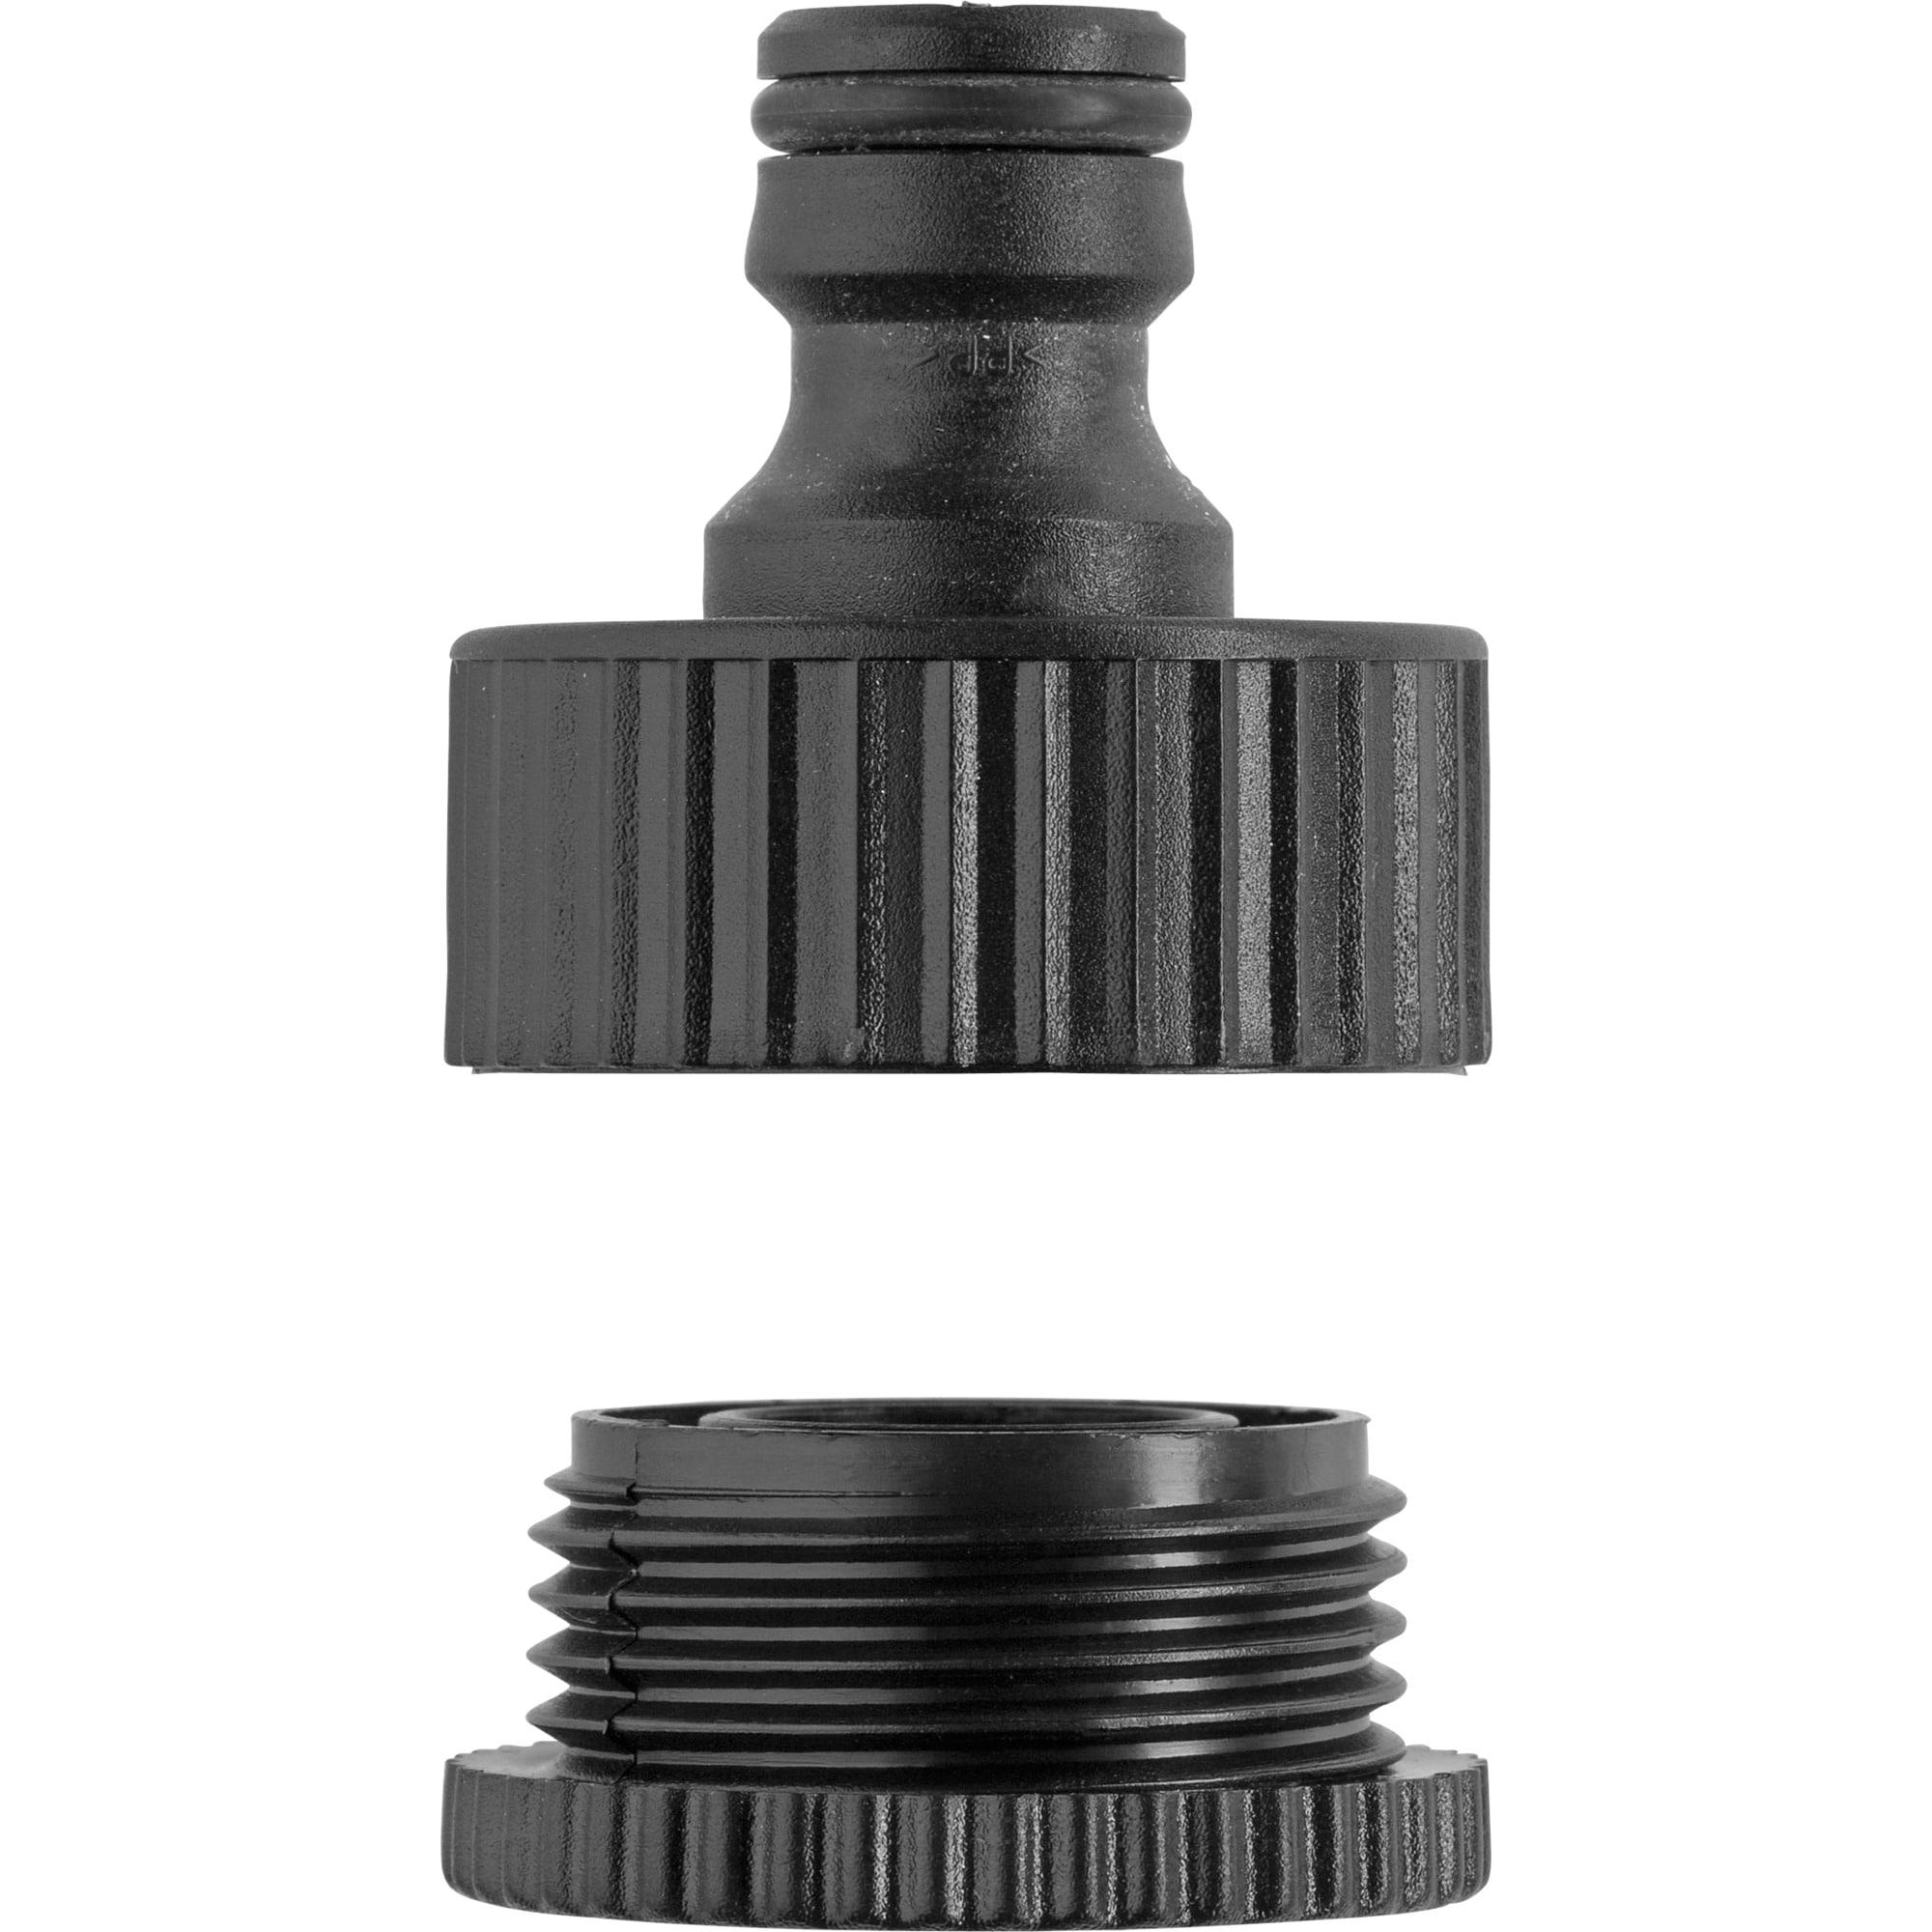 Kärcher Hahnanschluss G1 mit G3/4 Reduzierstück 2.645-007.0